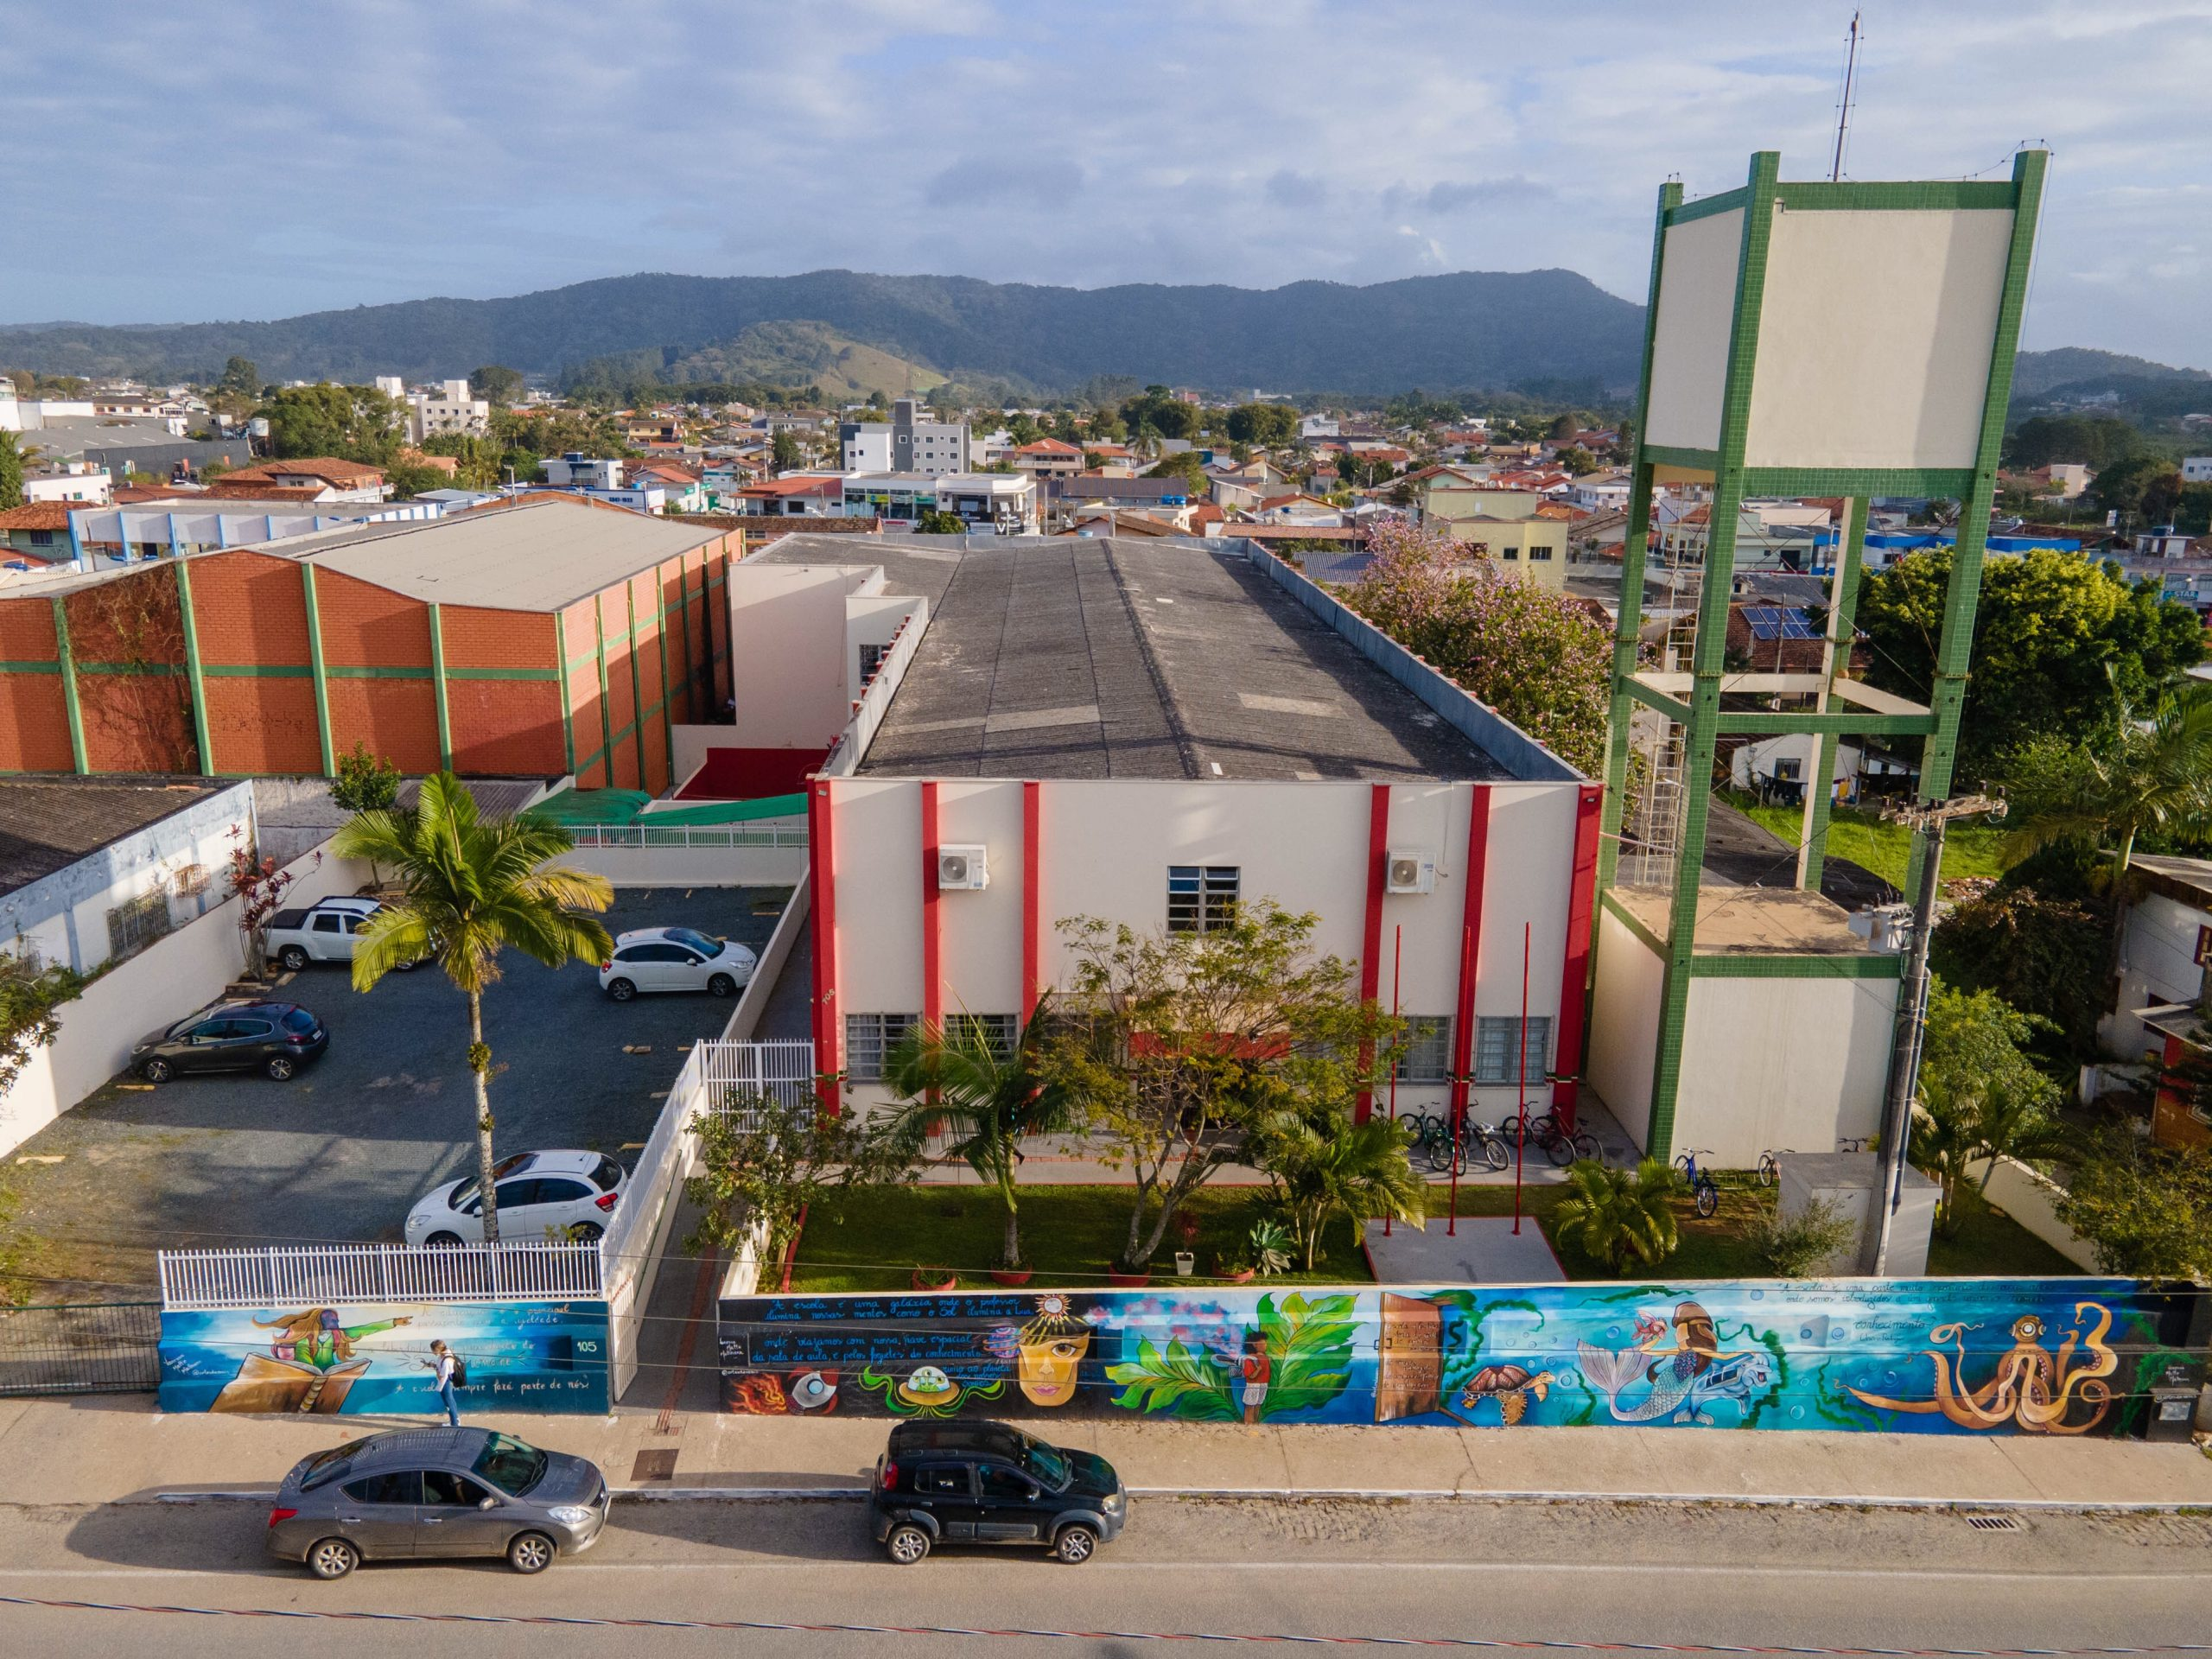 Repaginada: Escola Manoel Henrique de Assis, em Penha, recebeu pintura na fachada e muro com desenhos inspirados em frases criadas pelos alunos